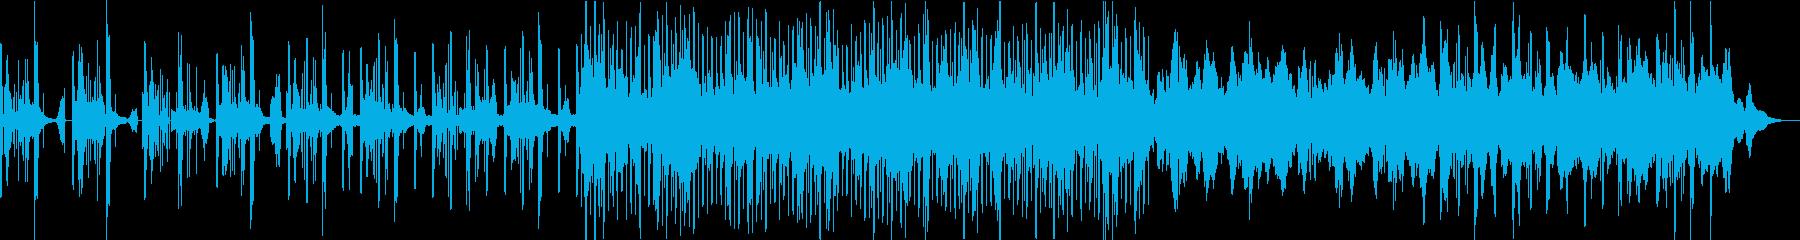 デジタル系テクスチャー音楽生命誕生シーンの再生済みの波形